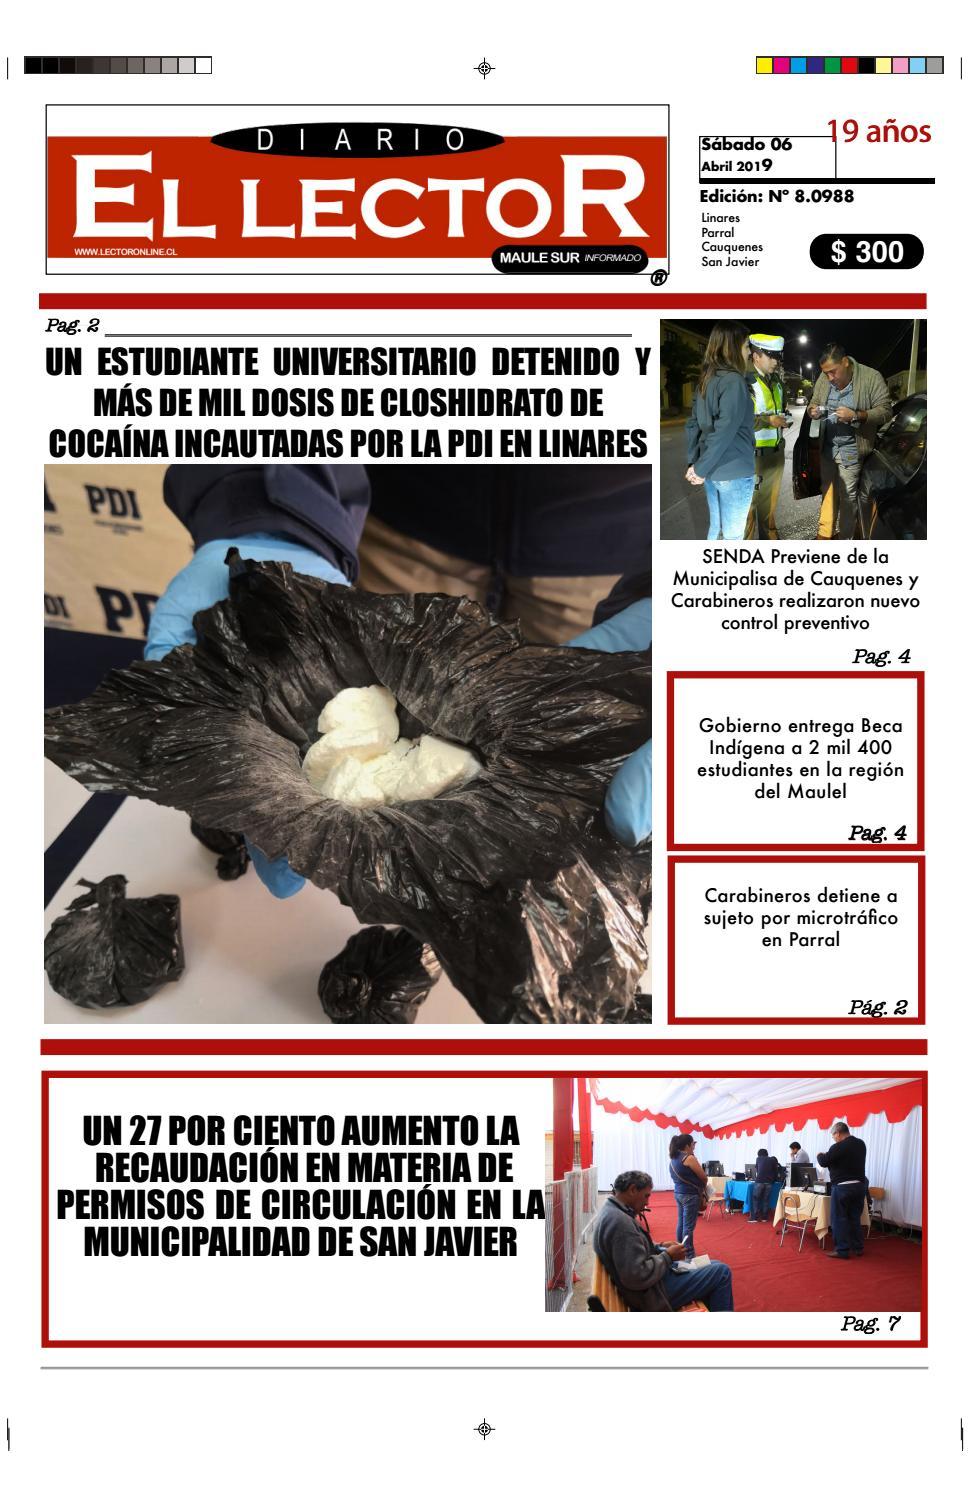 7bfab48185 lector by Diario El Lector del maule - issuu